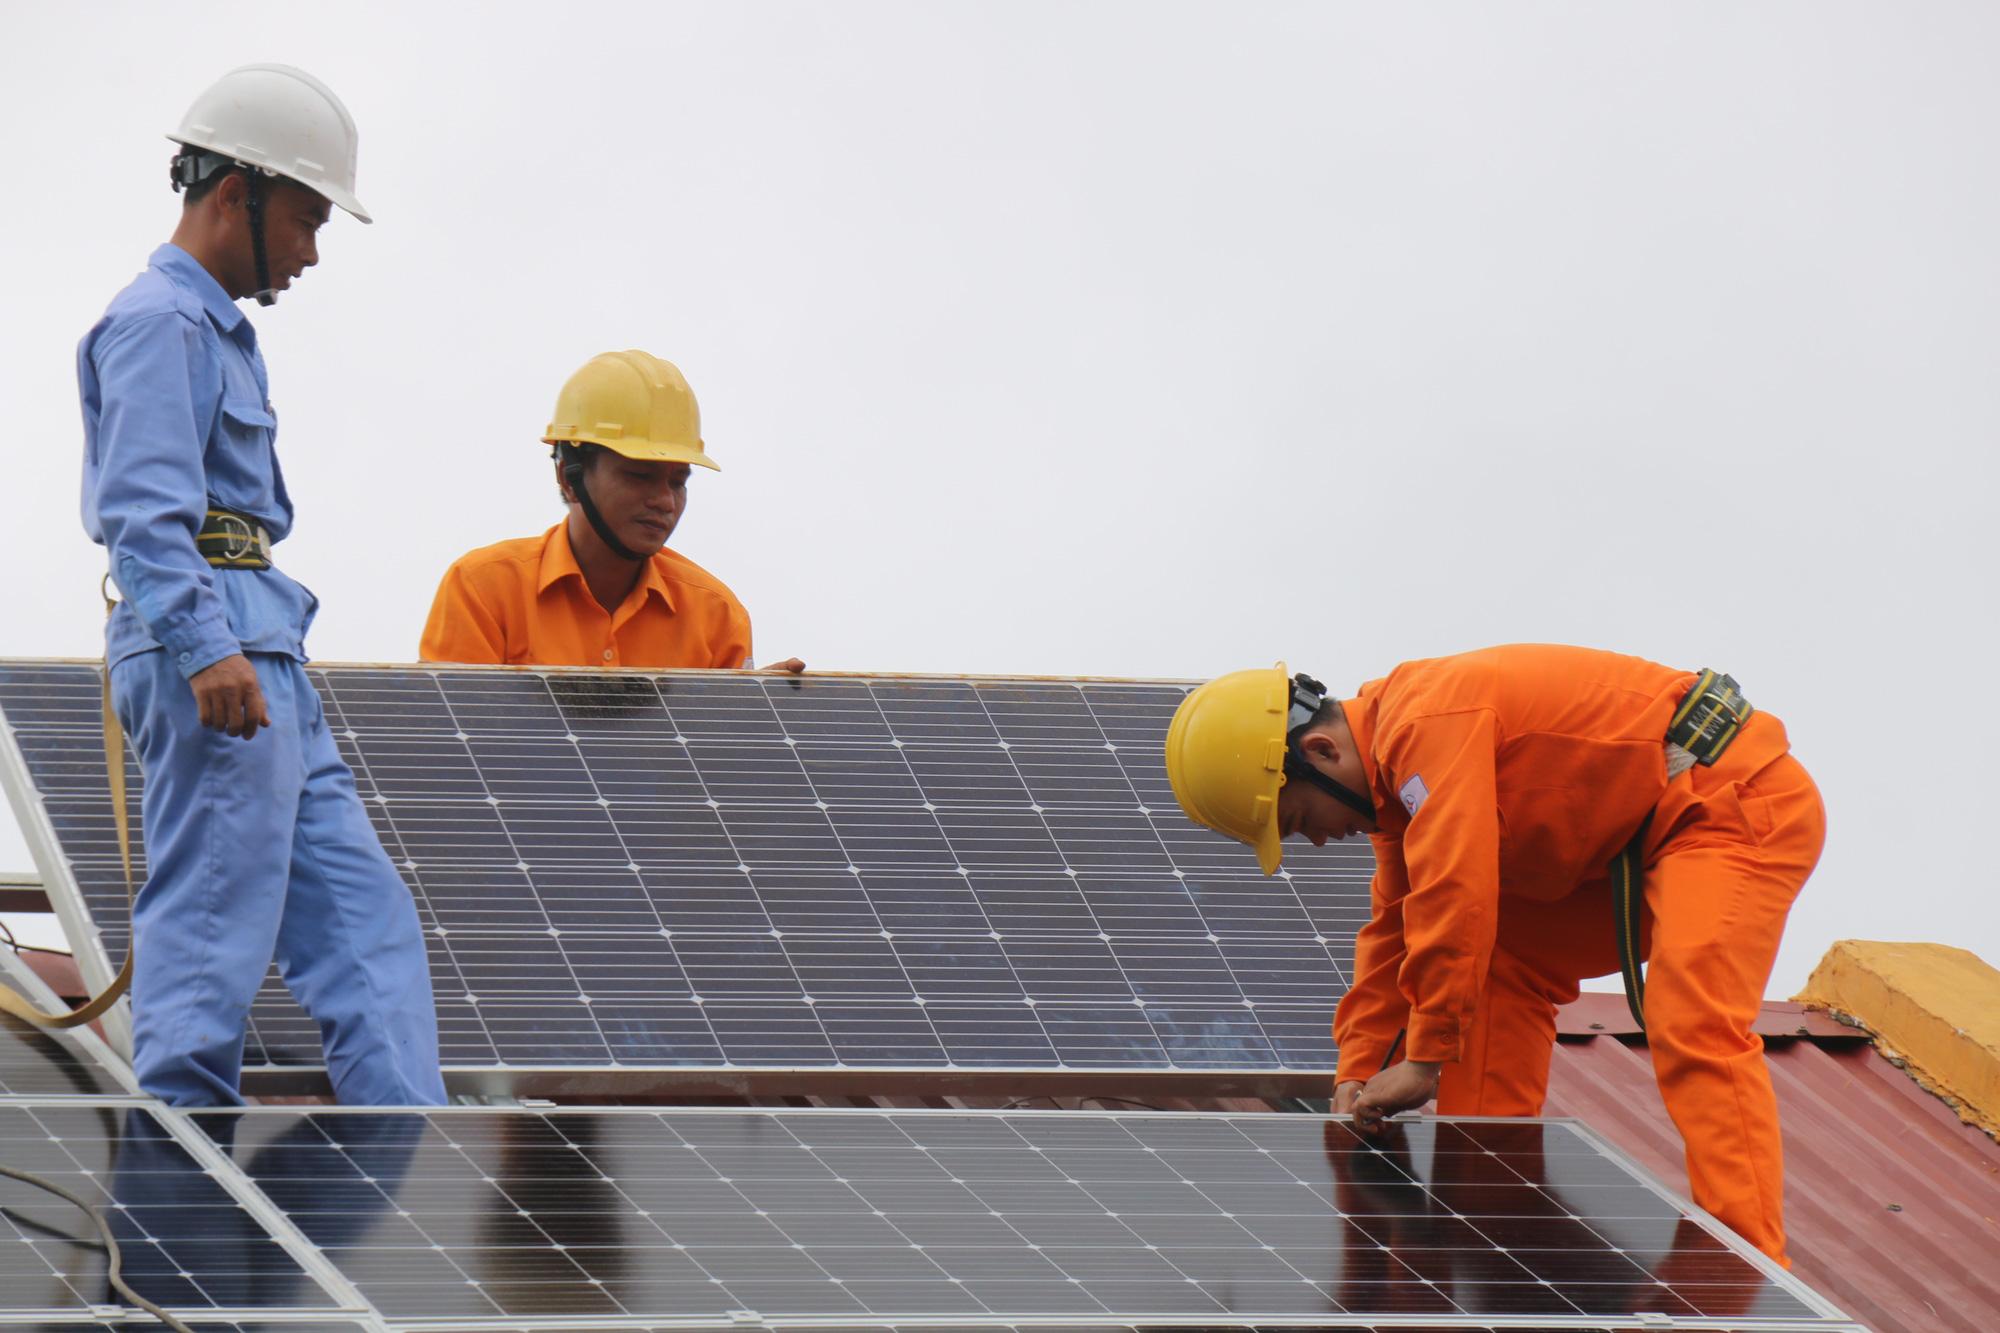 Đắk Nông: Tạo điều kiện tối đa cho khách hàng lắp đặt điện mặt trời - Ảnh 1.